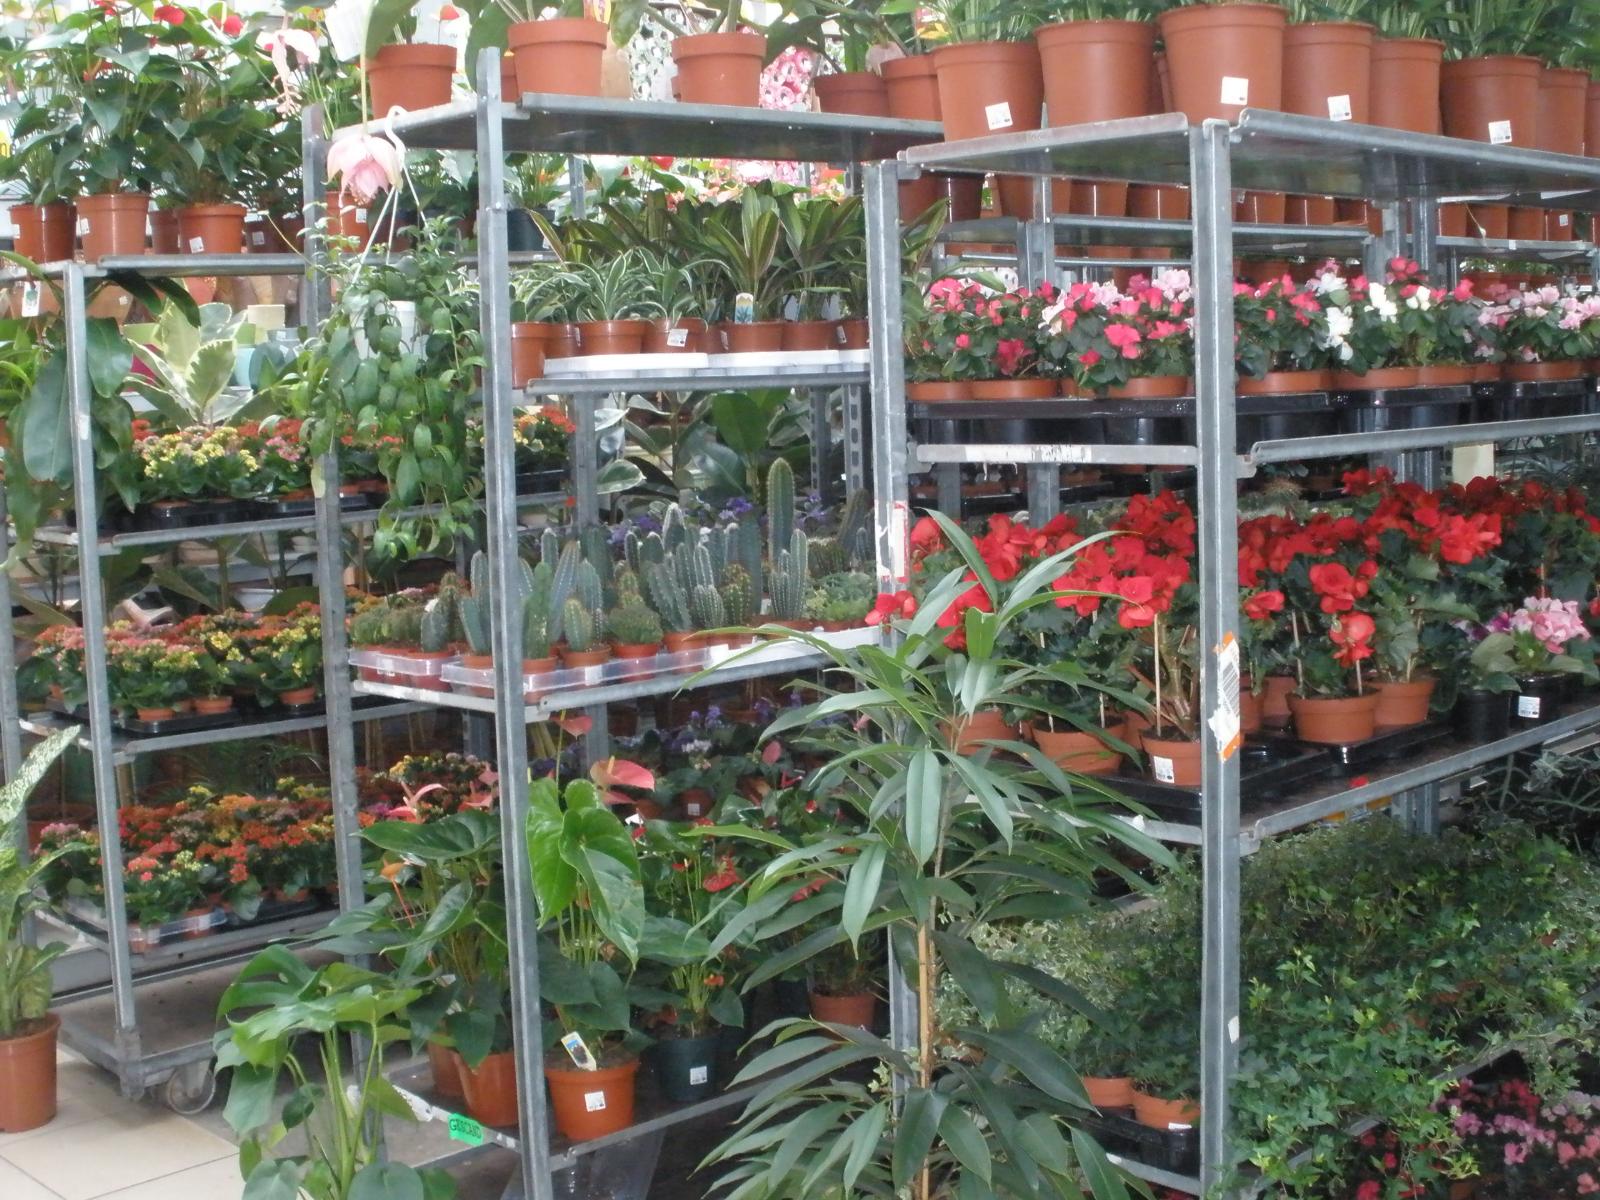 Цветов, продажа растений по оптовым ценам кузнецов фирма луидор